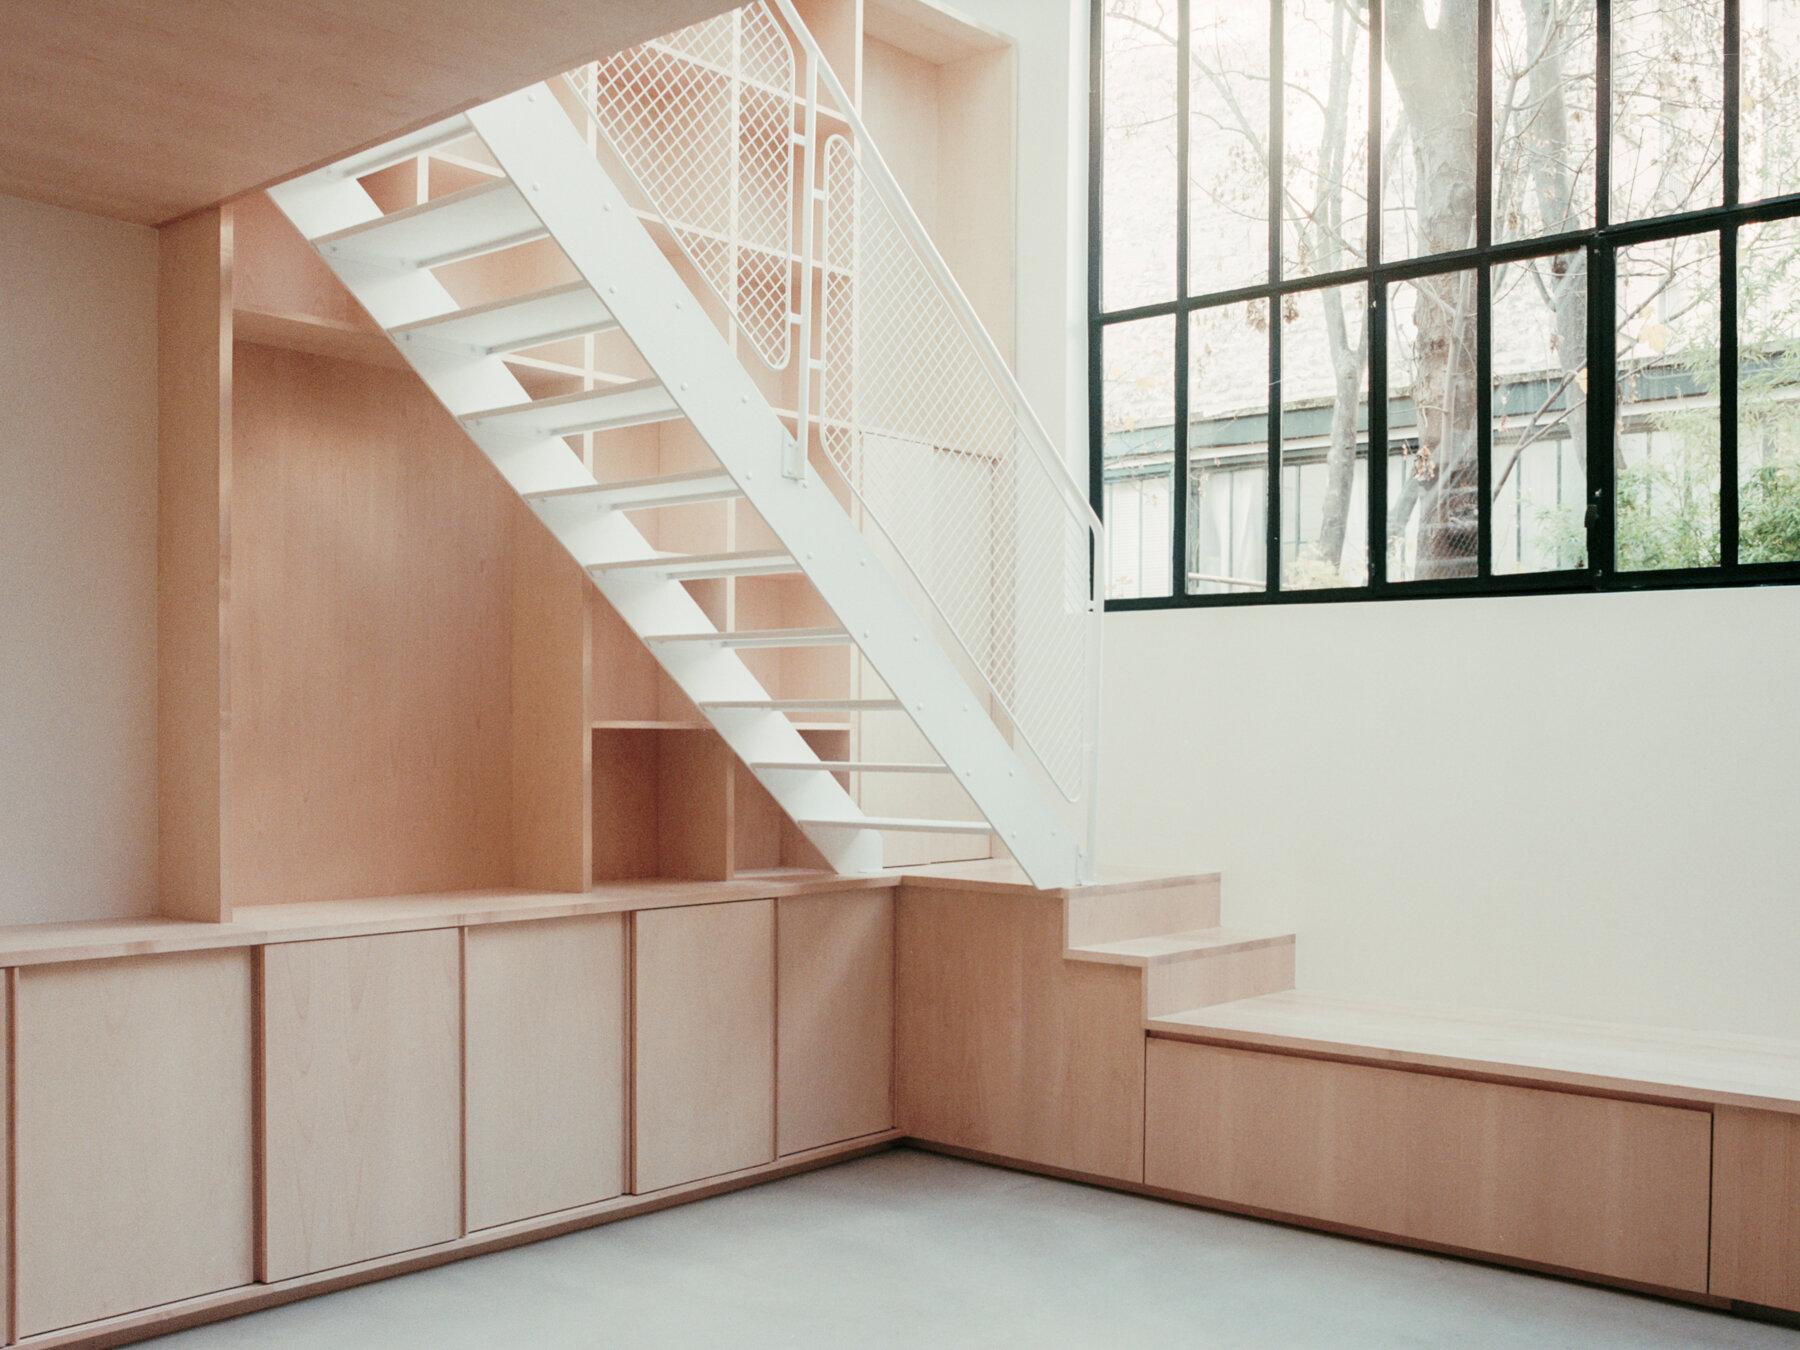 Rénovation - Maison individuelle par un architecte Archidvisor